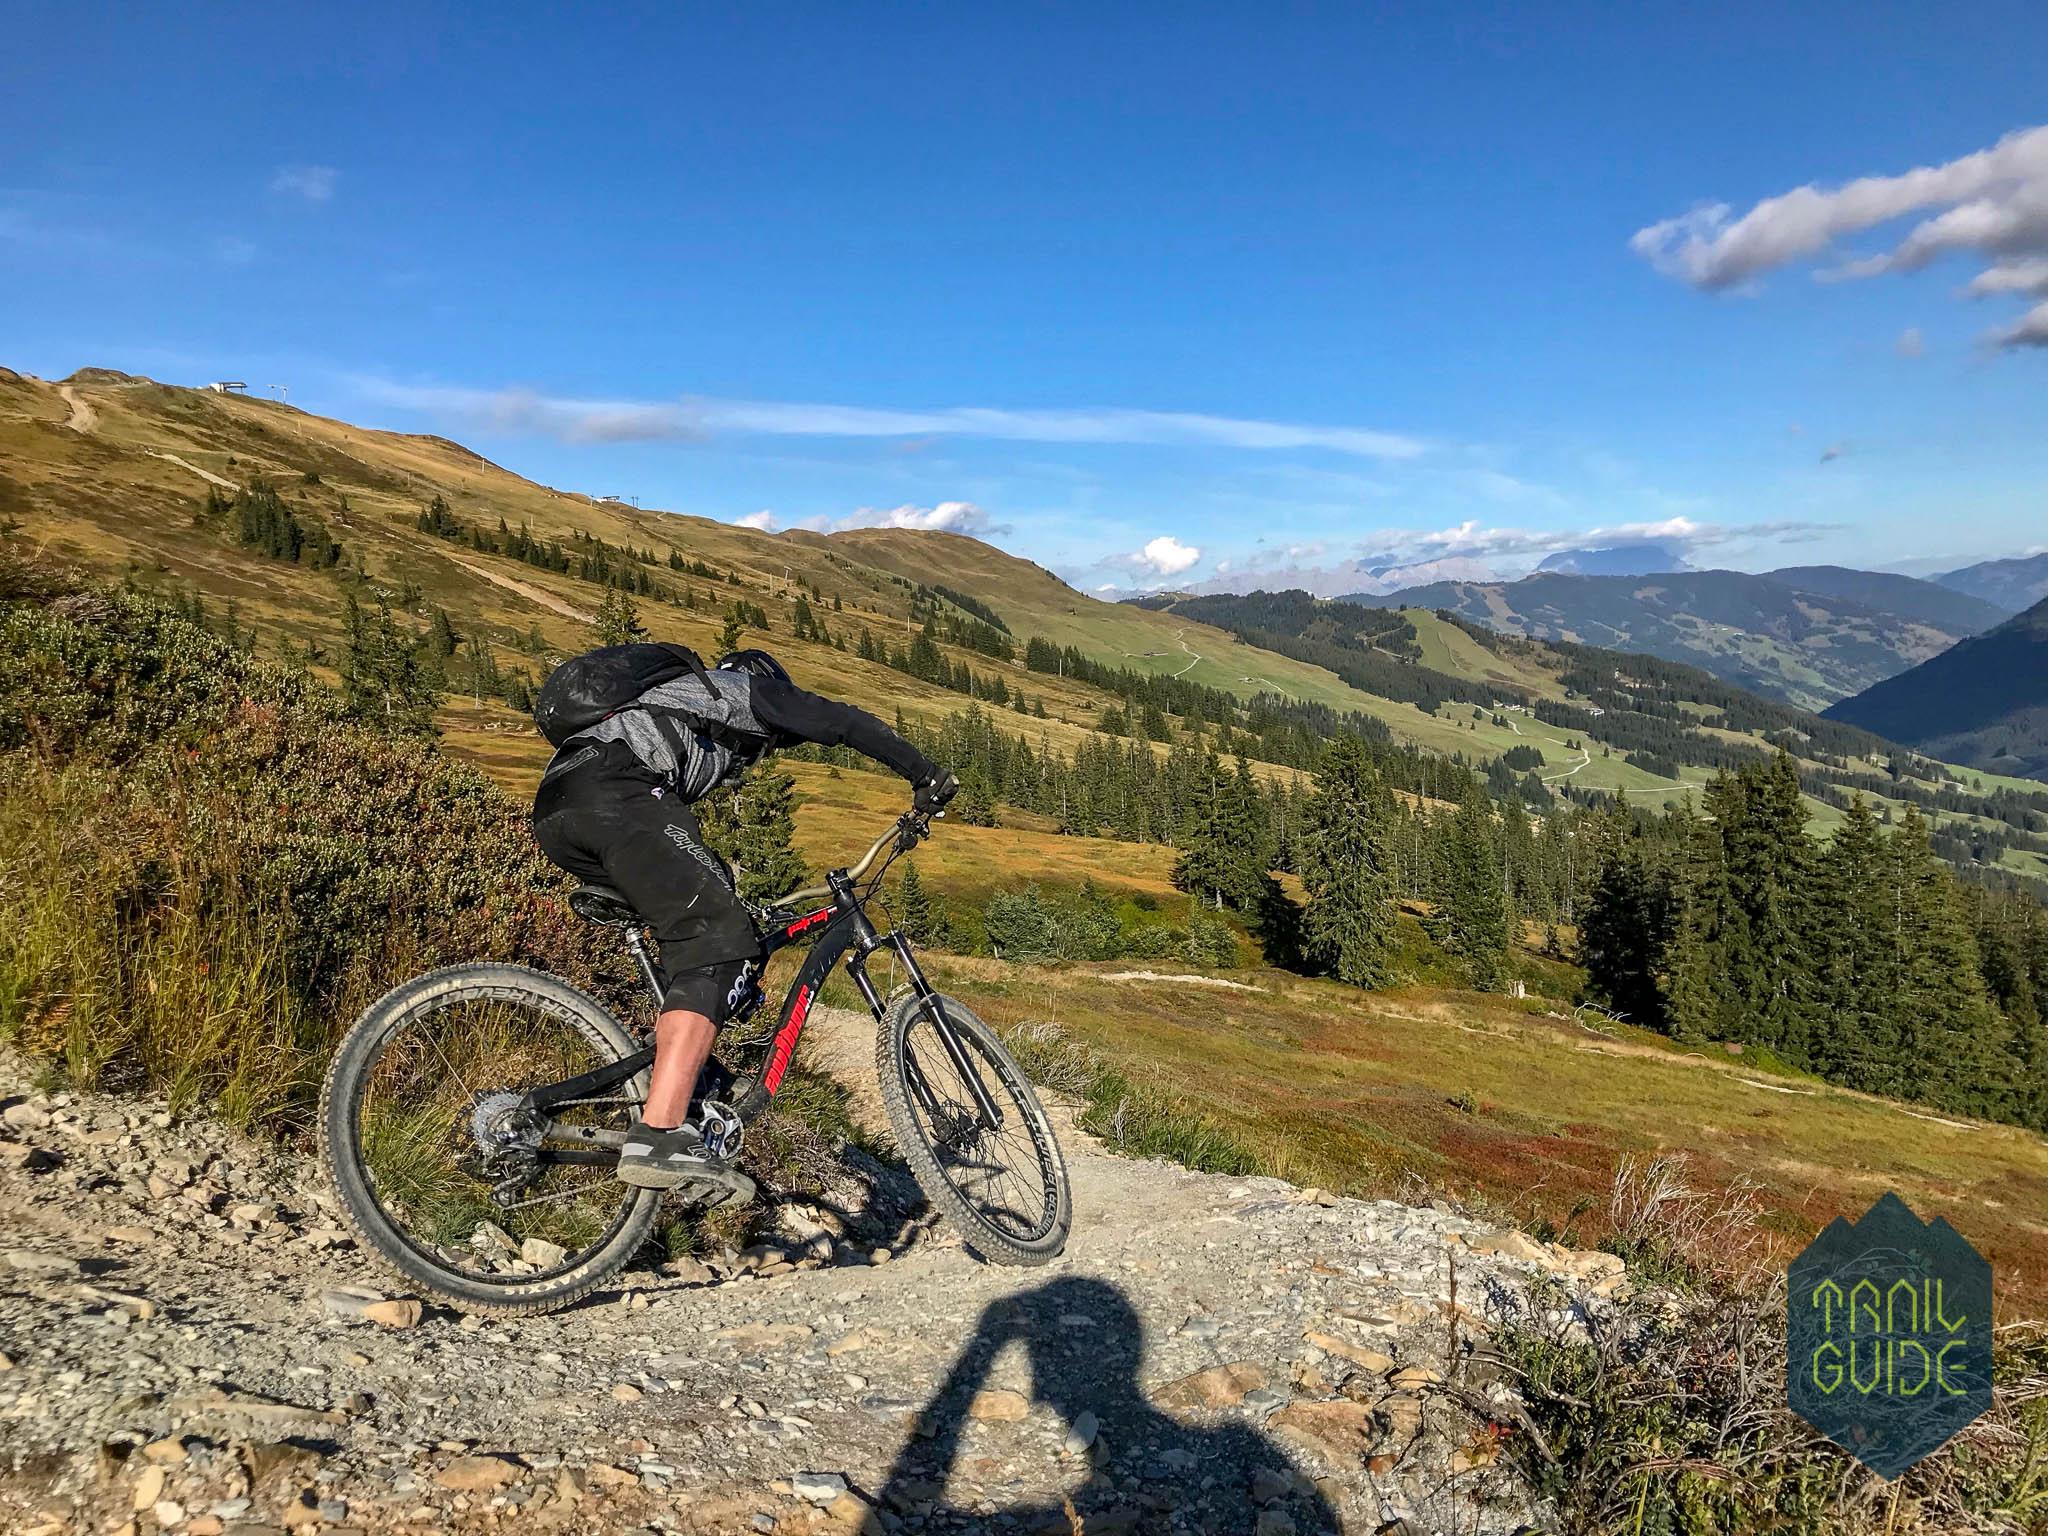 Trail-Guide_prujezd_zatackou_wzbkte.jpg